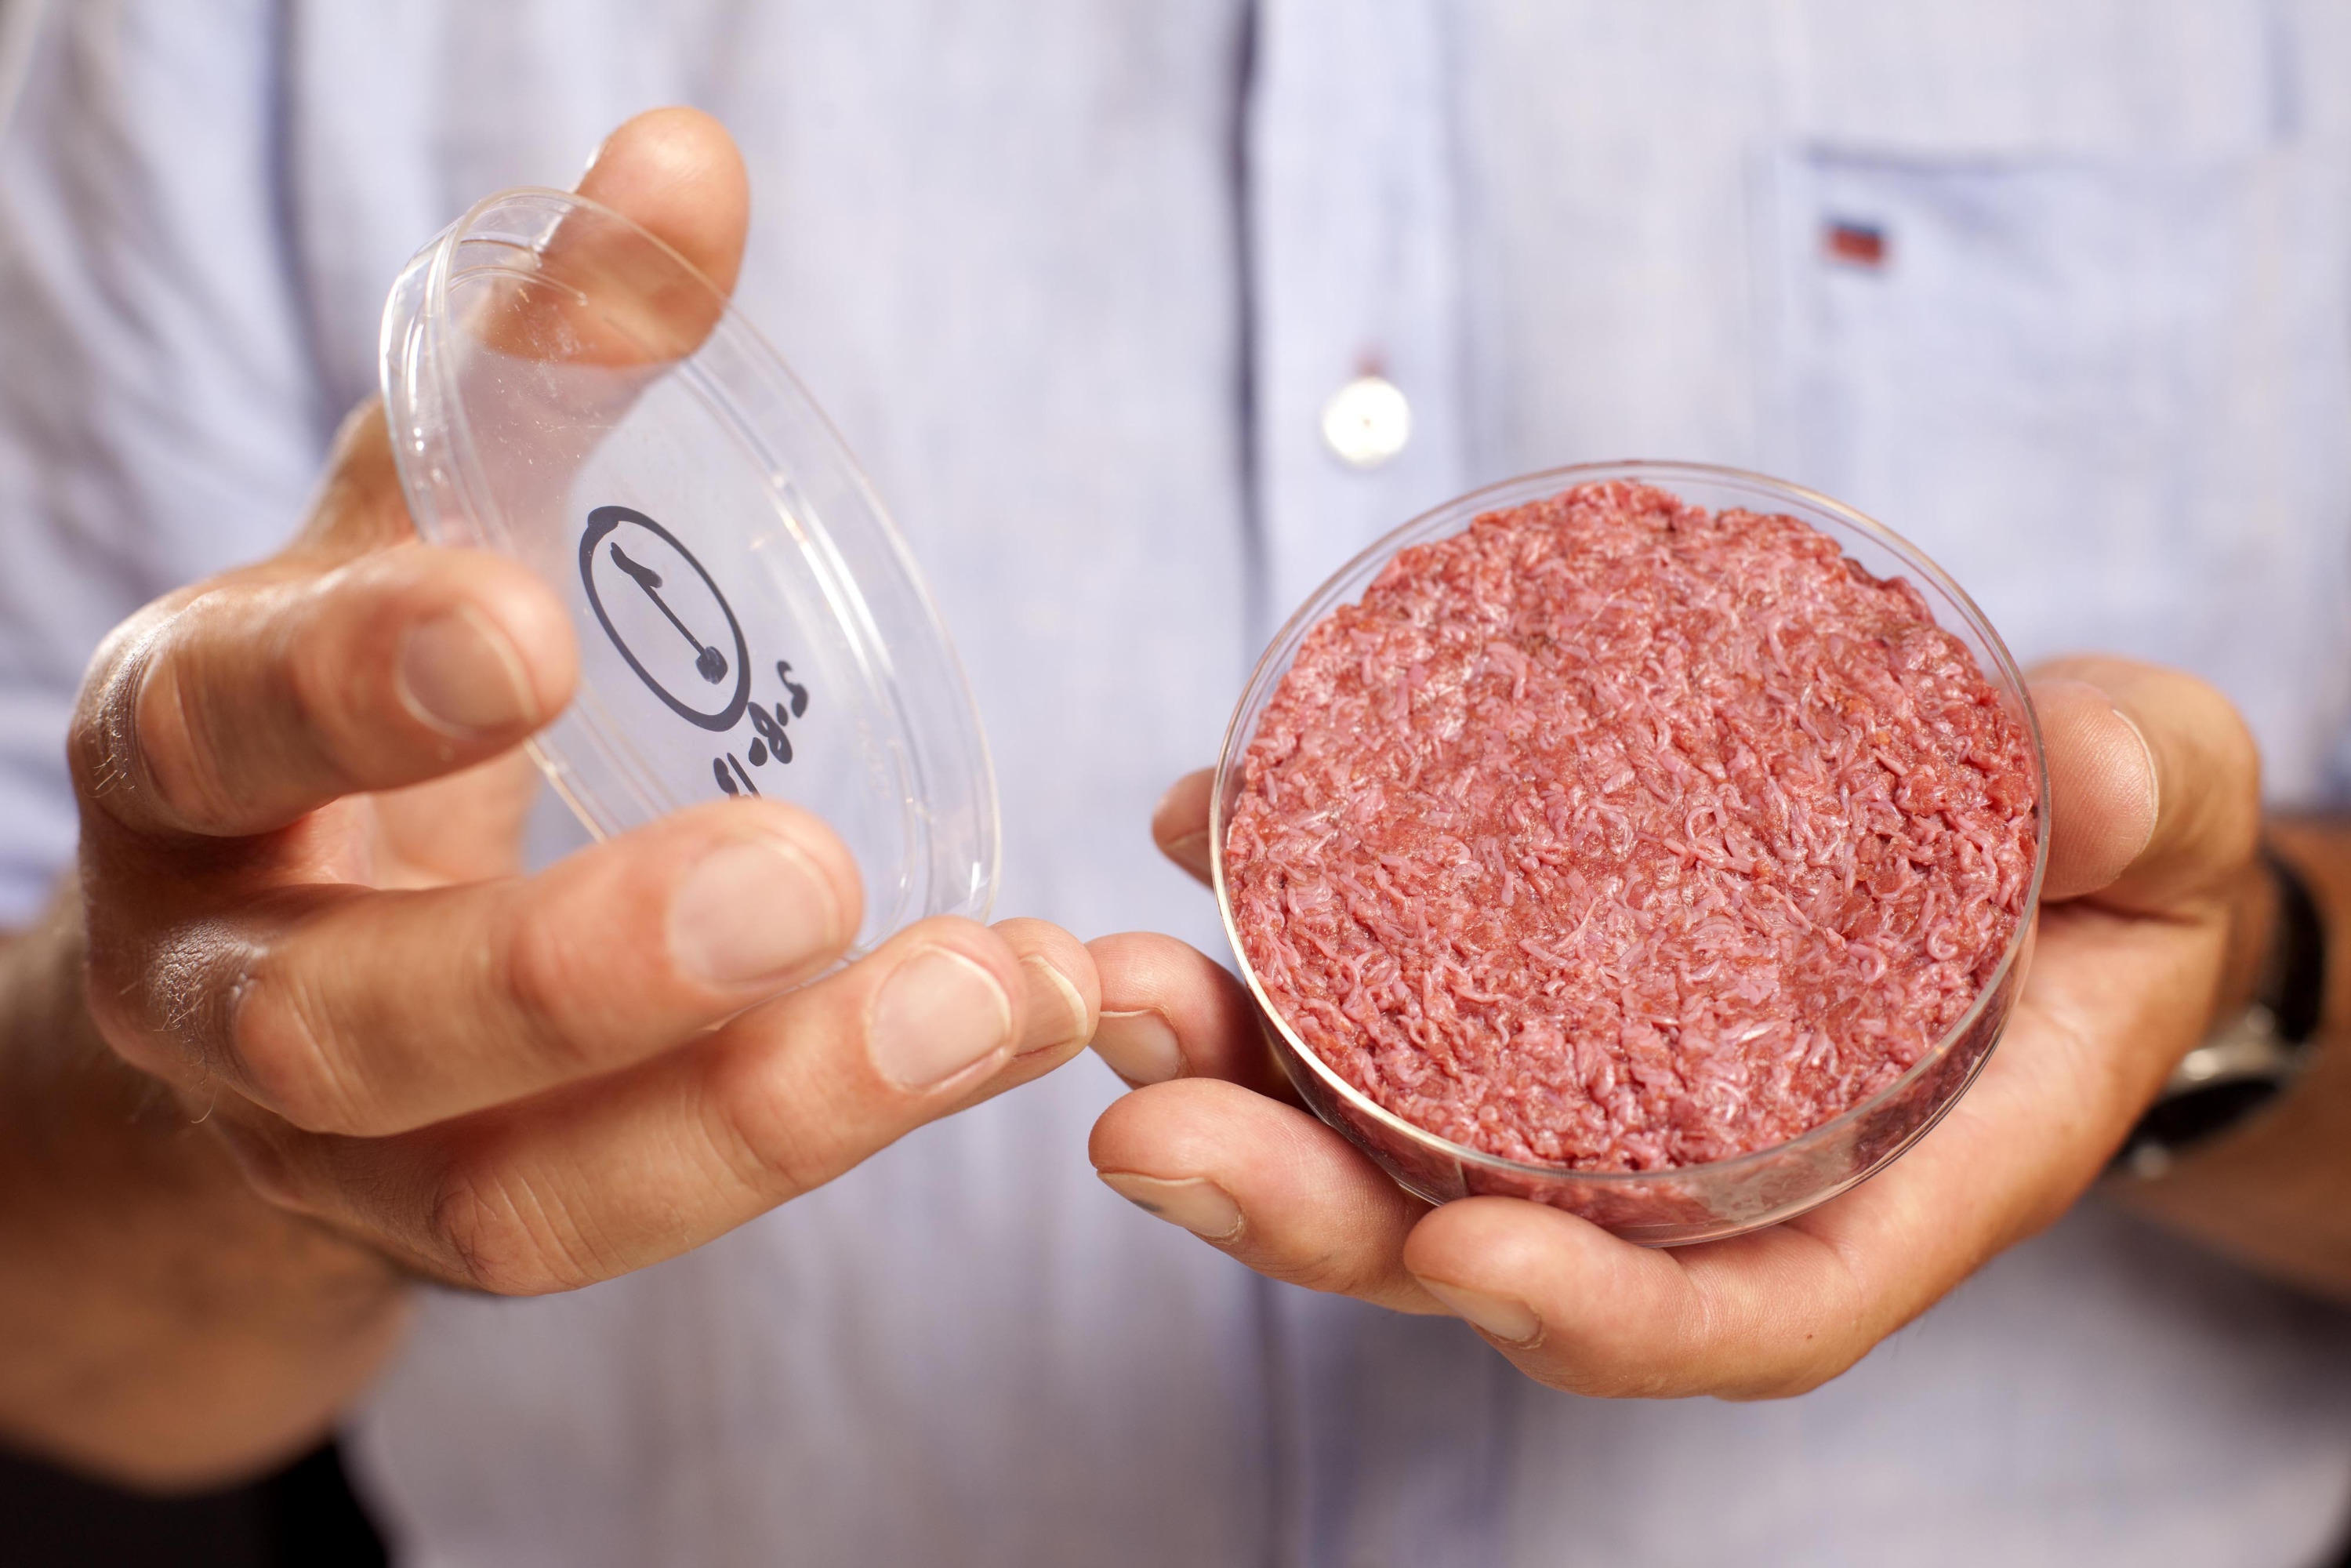 Мясо в пробирке, немолоко и хлеб со сверчками. Смольный определился с ингредиентами и меню новой ОЭЗ на Парнасе